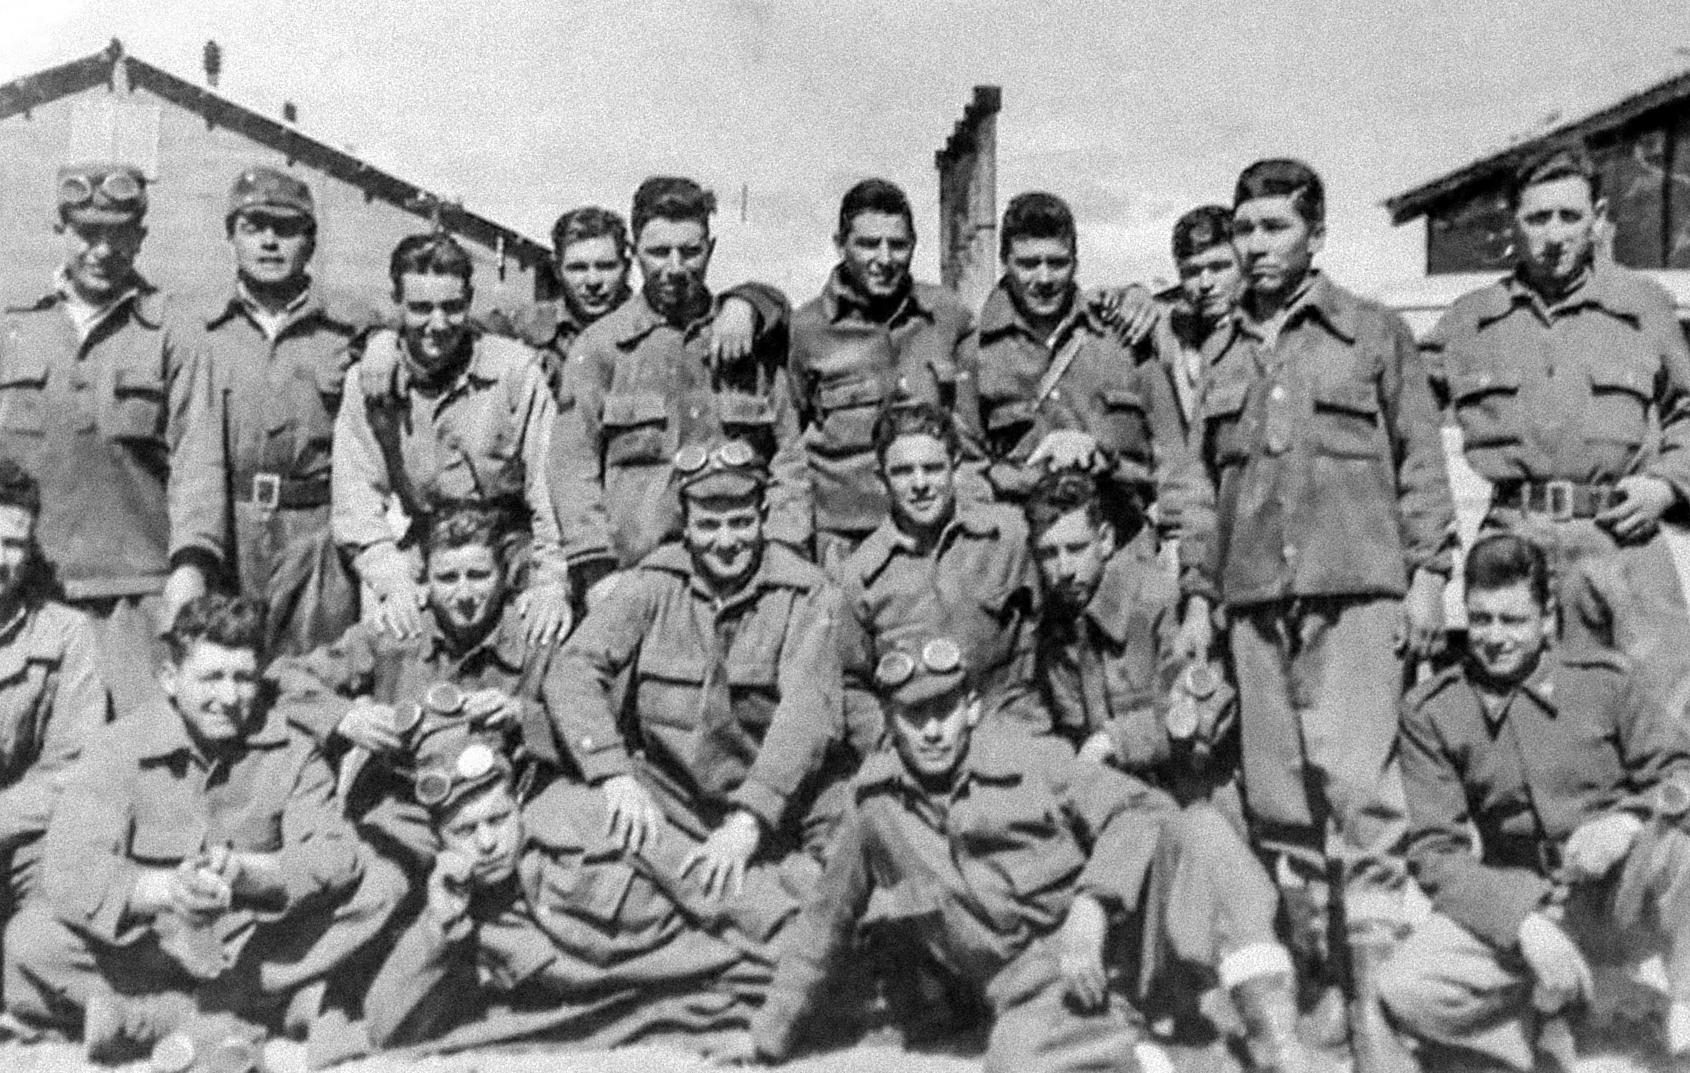 Hizo el Servicio Militar Obligatorio en Río Gallegos, donde conoció a Máximo.